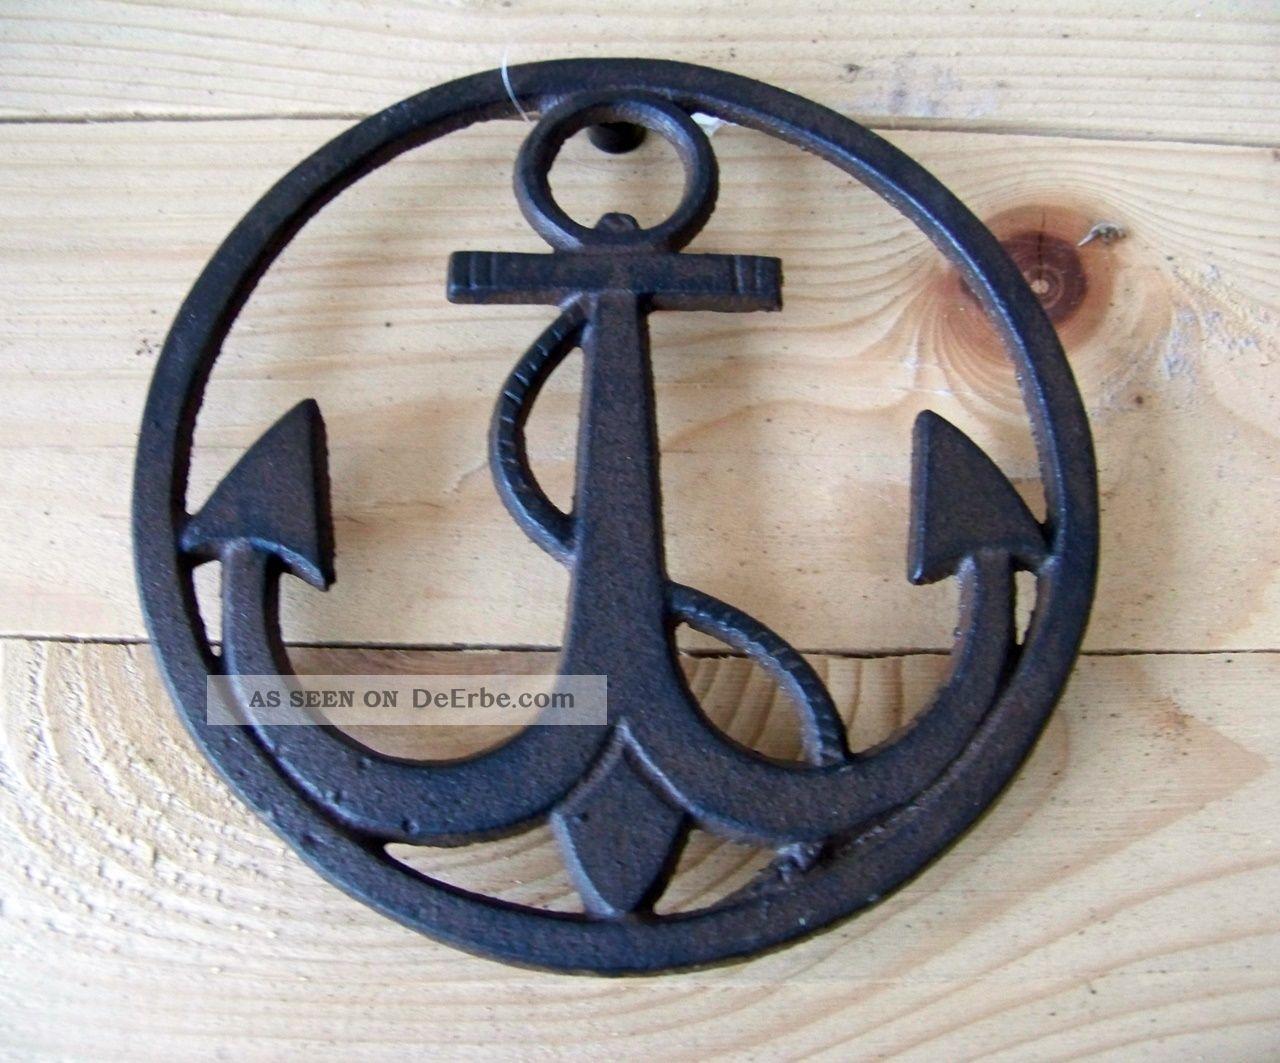 Untersetzer Anker Gusseisen Maritim Topfuntersetzer Antikbraun Landhausstil Maritime Dekoration Bild